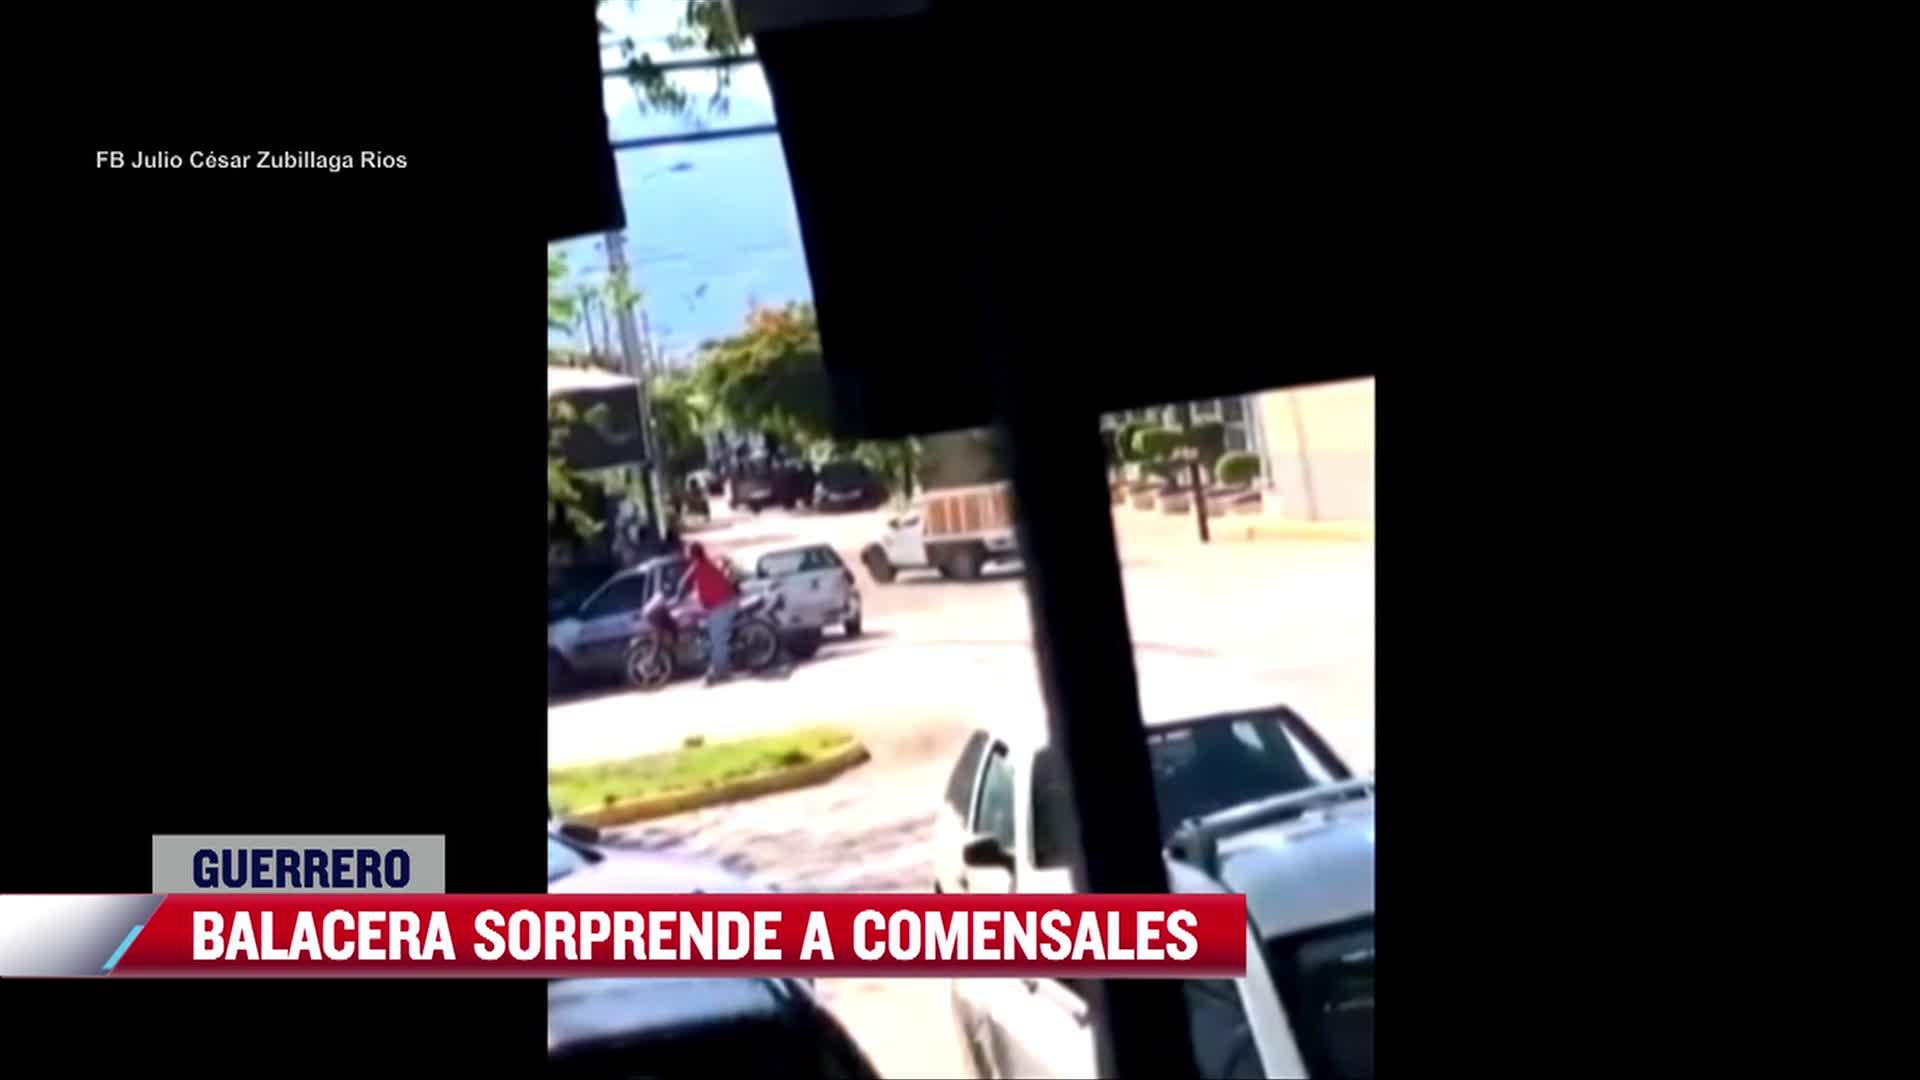 Balacera sorprende a comensales en restaurante de Iguala, Guerrero